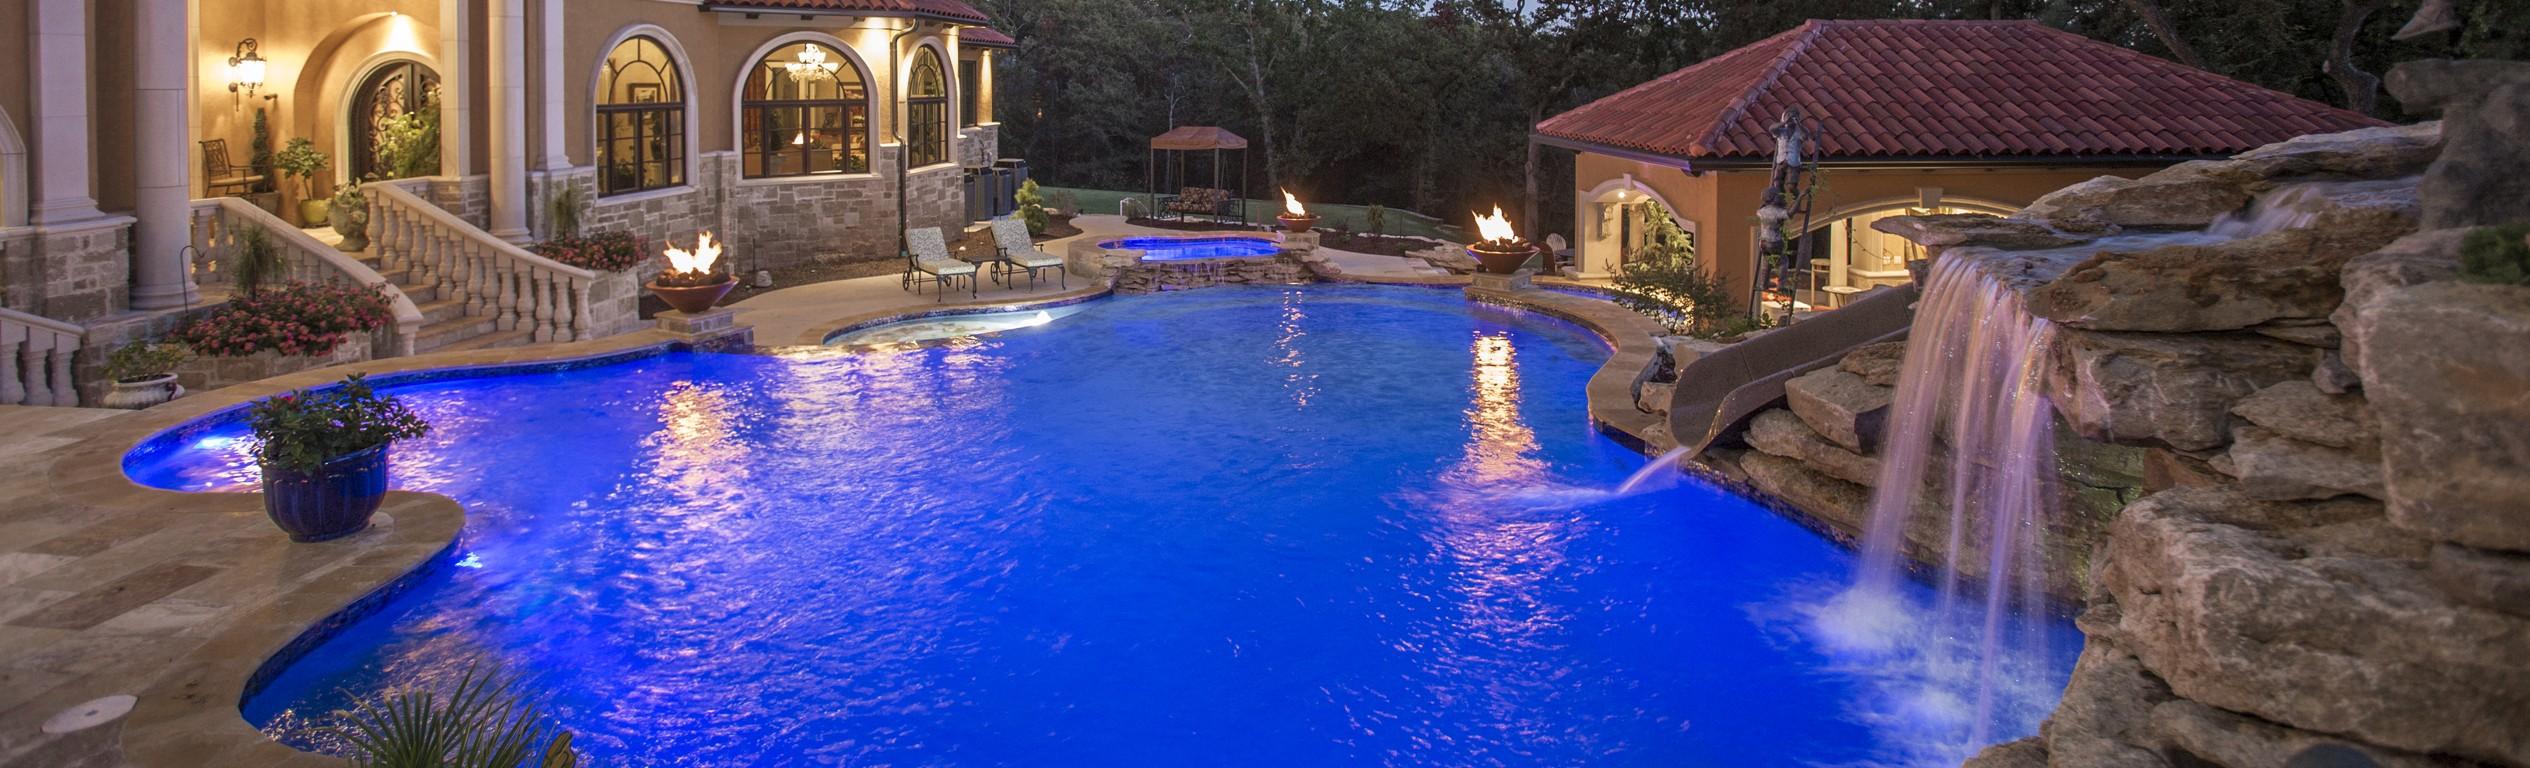 Hayward Pool Products Linkedin